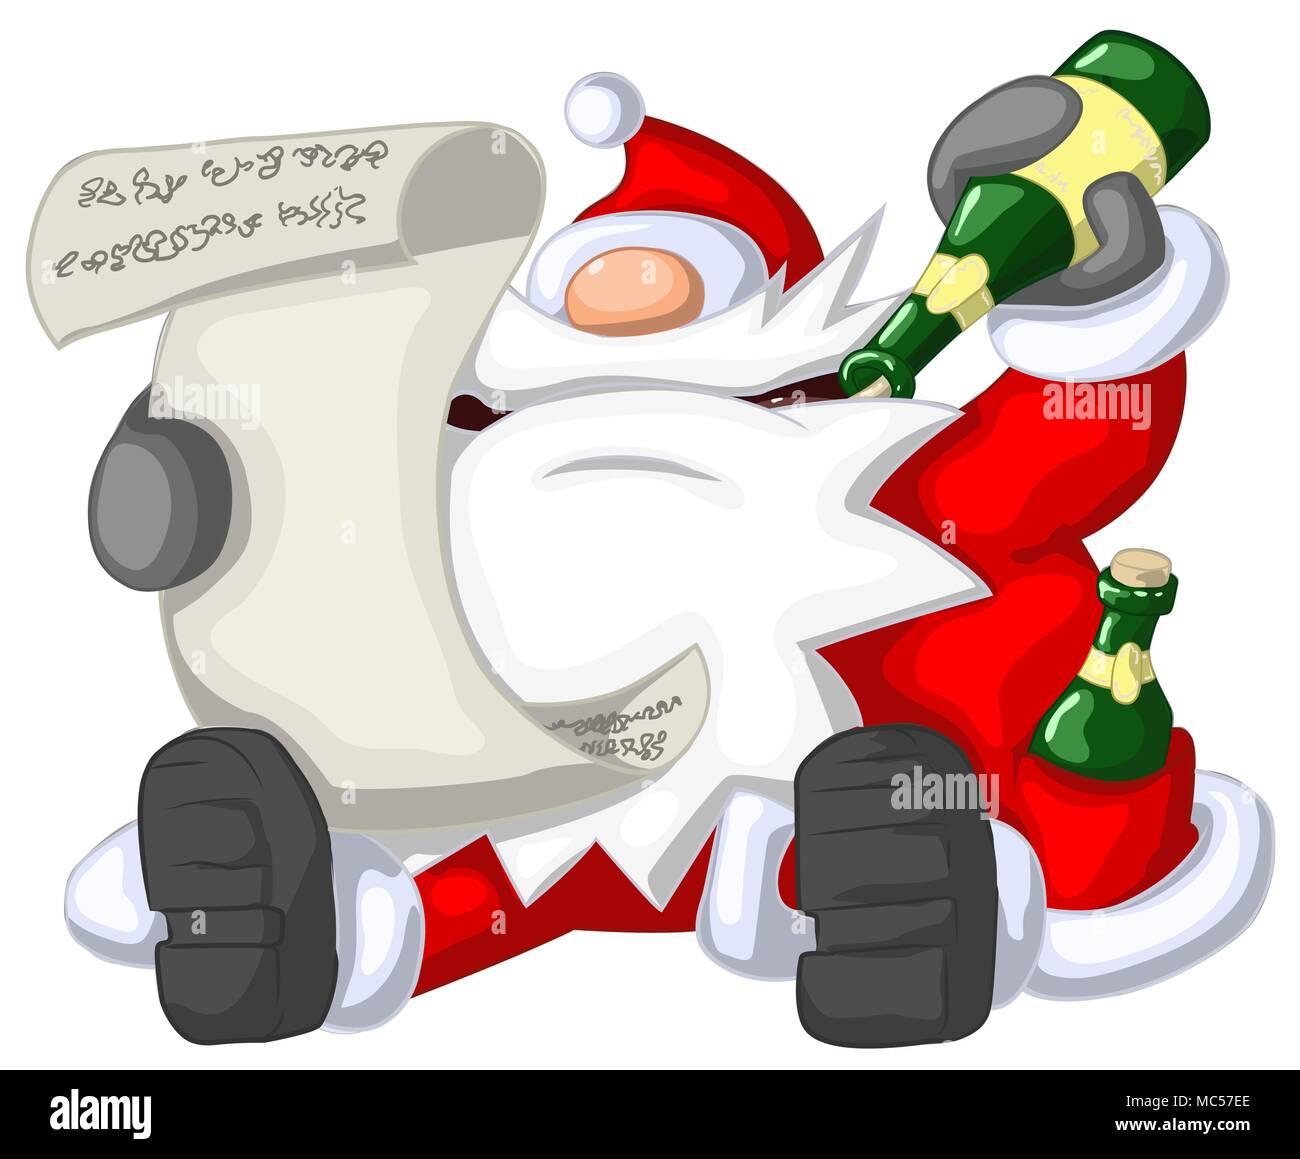 Immagini Natale Umoristiche.Babbo Natale Lettura Festa Di Natale Celebrazione Fumetto